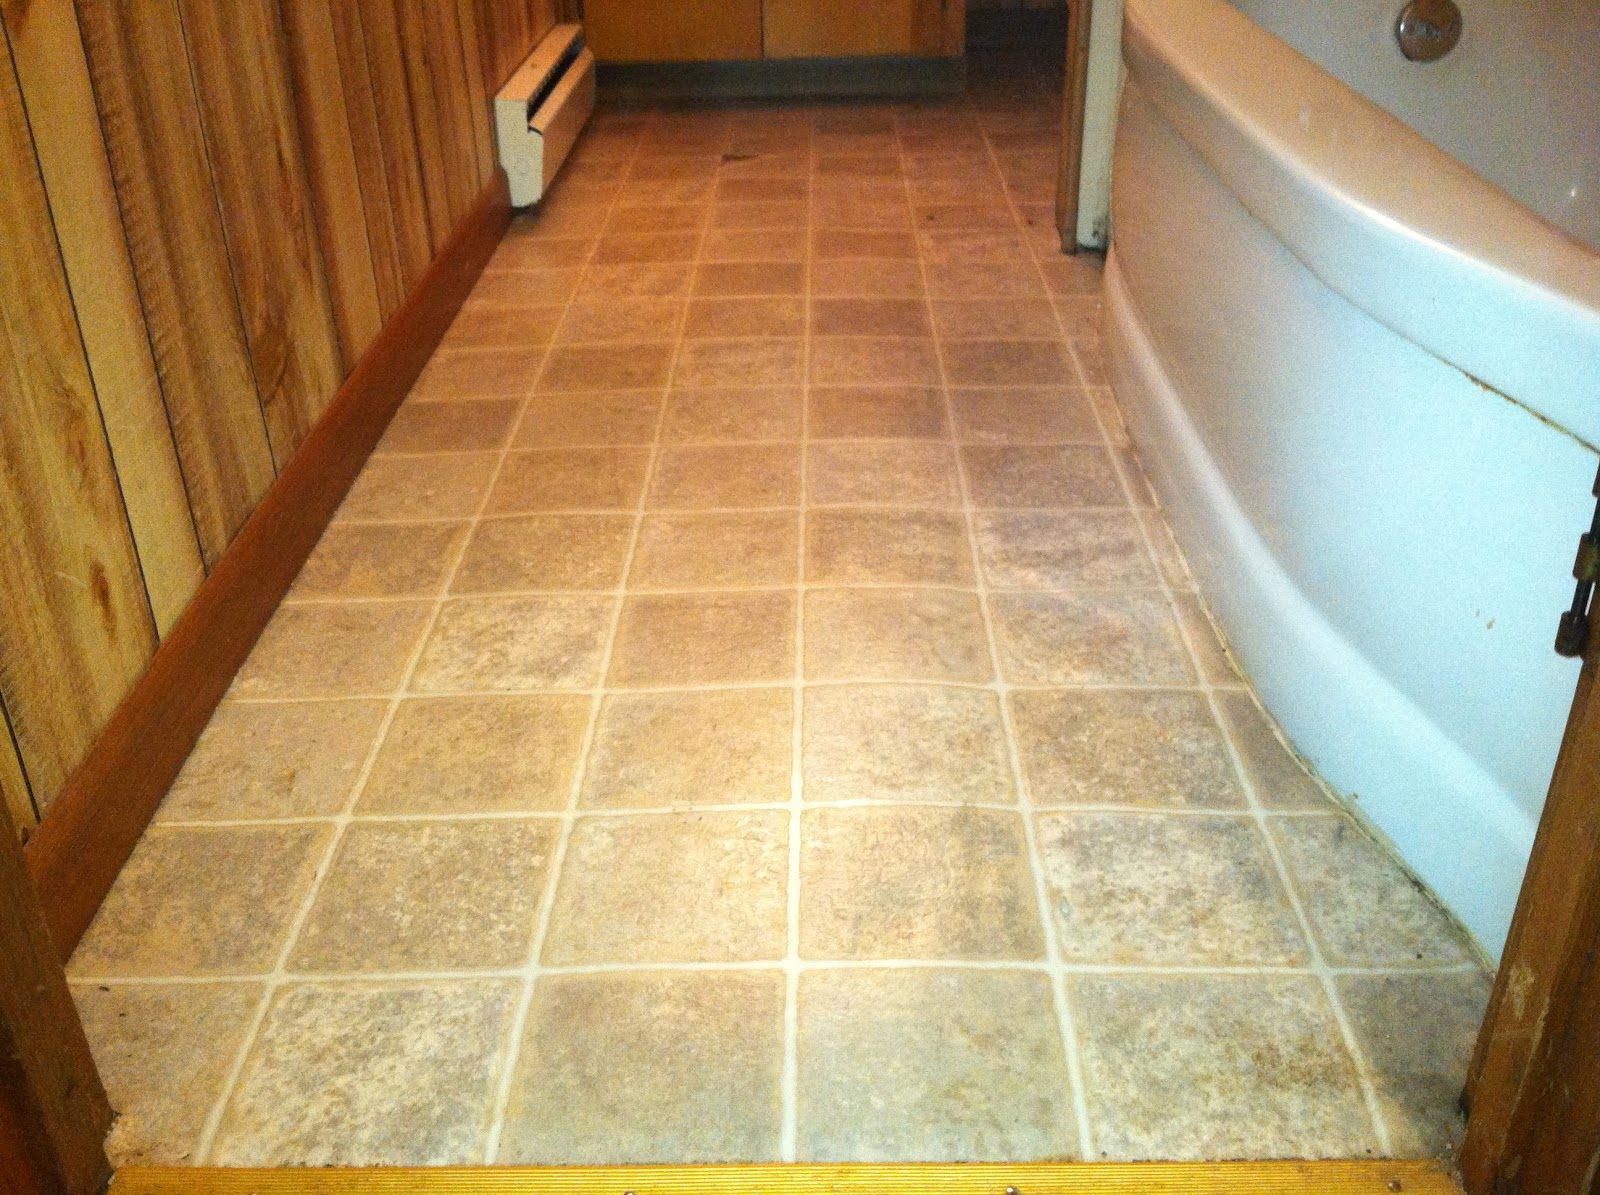 Consider It Done Construction Uneven Bathroom Floor